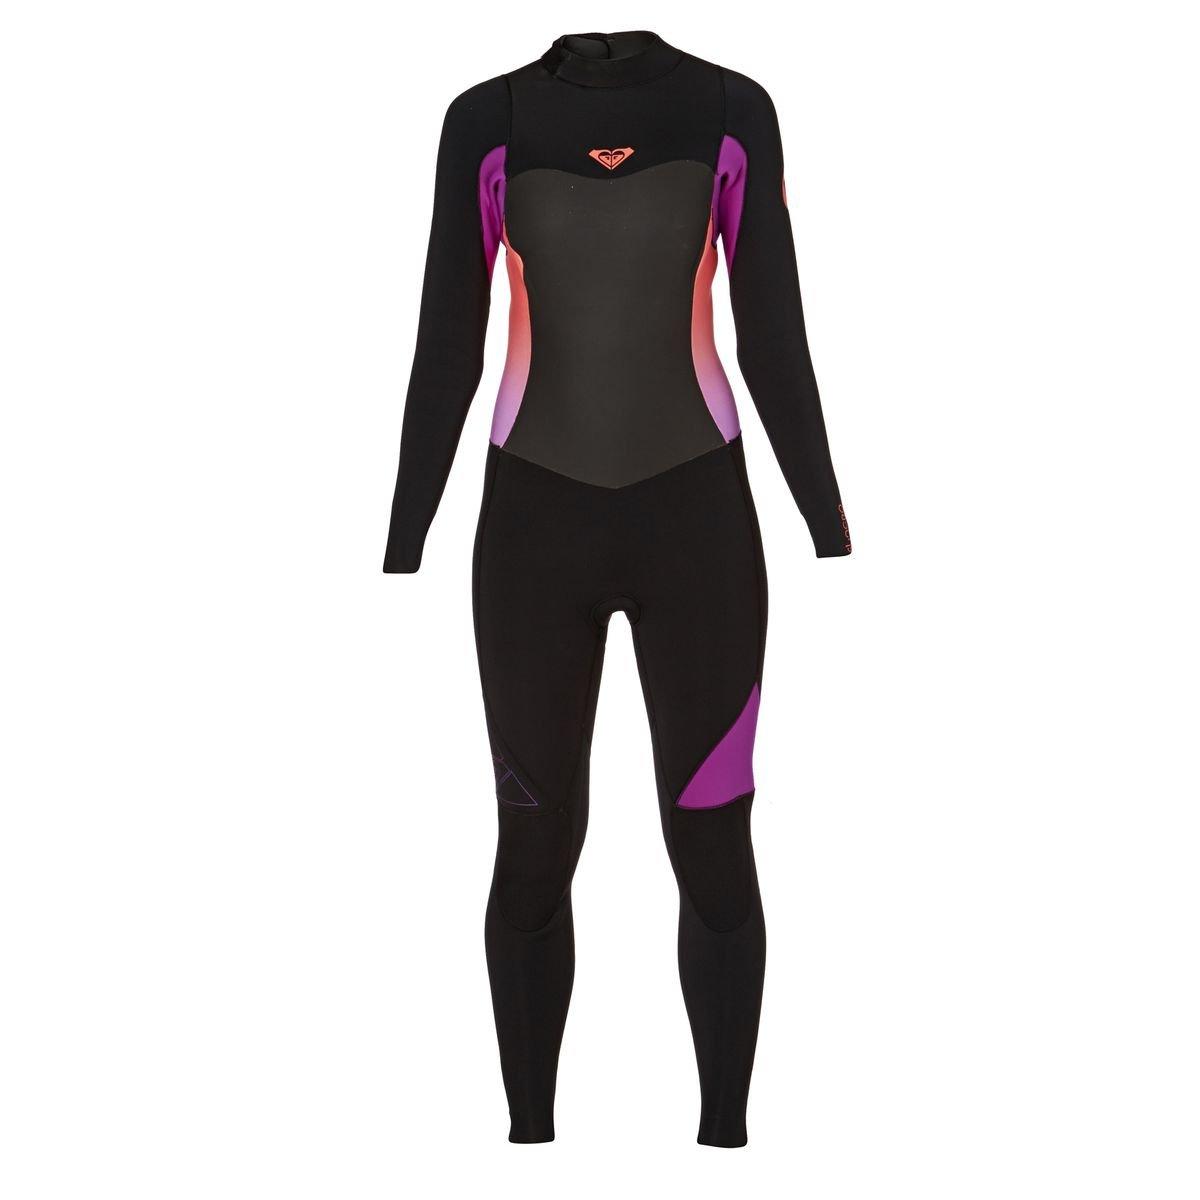 Roxy Wetsuit - Roxy Syncro 3/2mm Back Zip